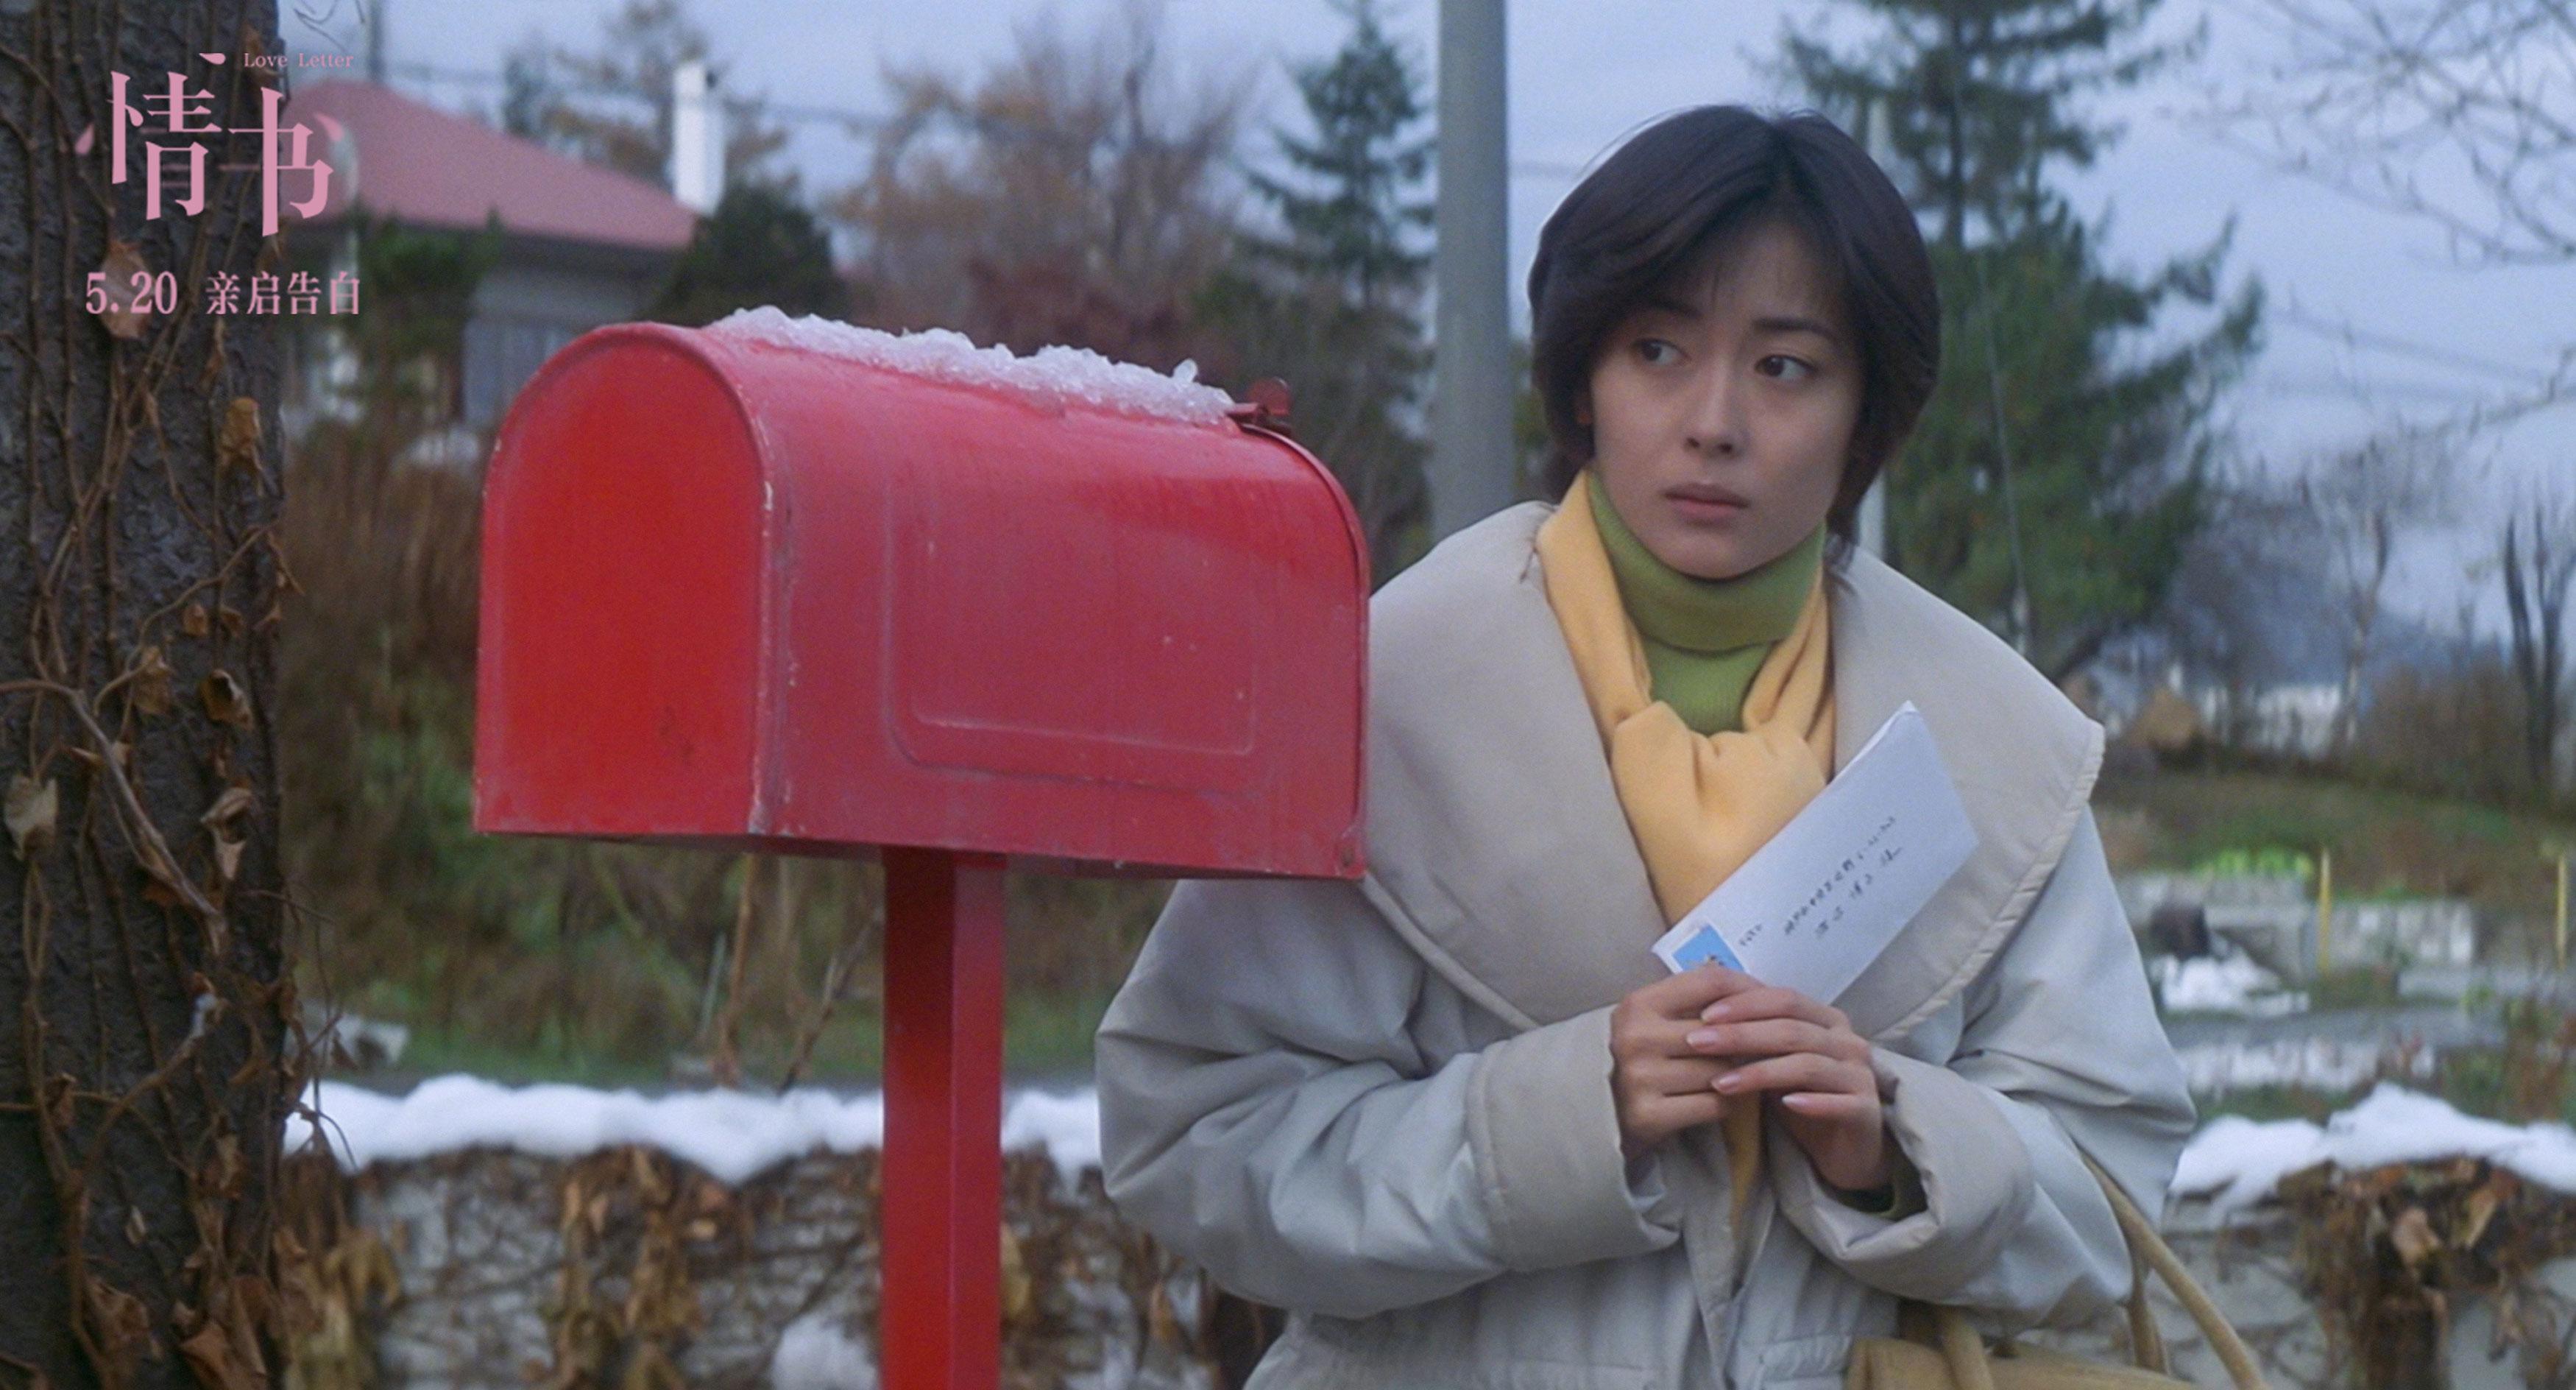 """《情书》今日正式开启预售 不少观众提前购票""""许下约定"""" 以待准时赴5.20浪漫之约"""